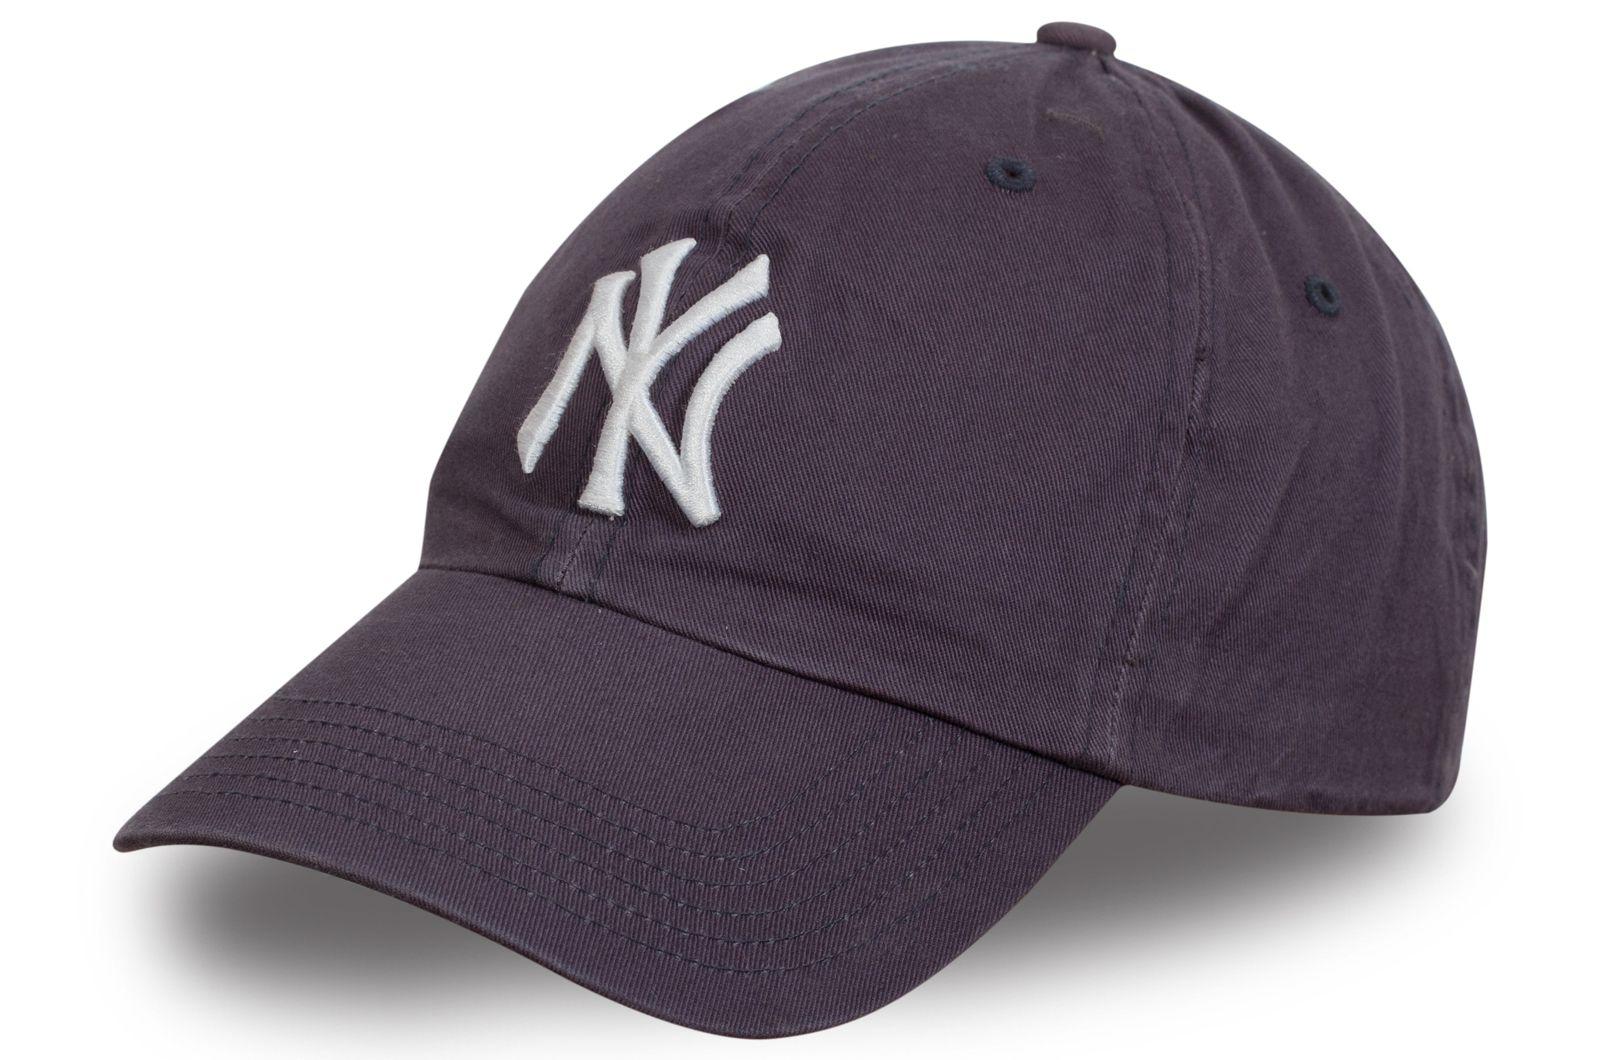 Мужская кепка NY - купить с доставкой